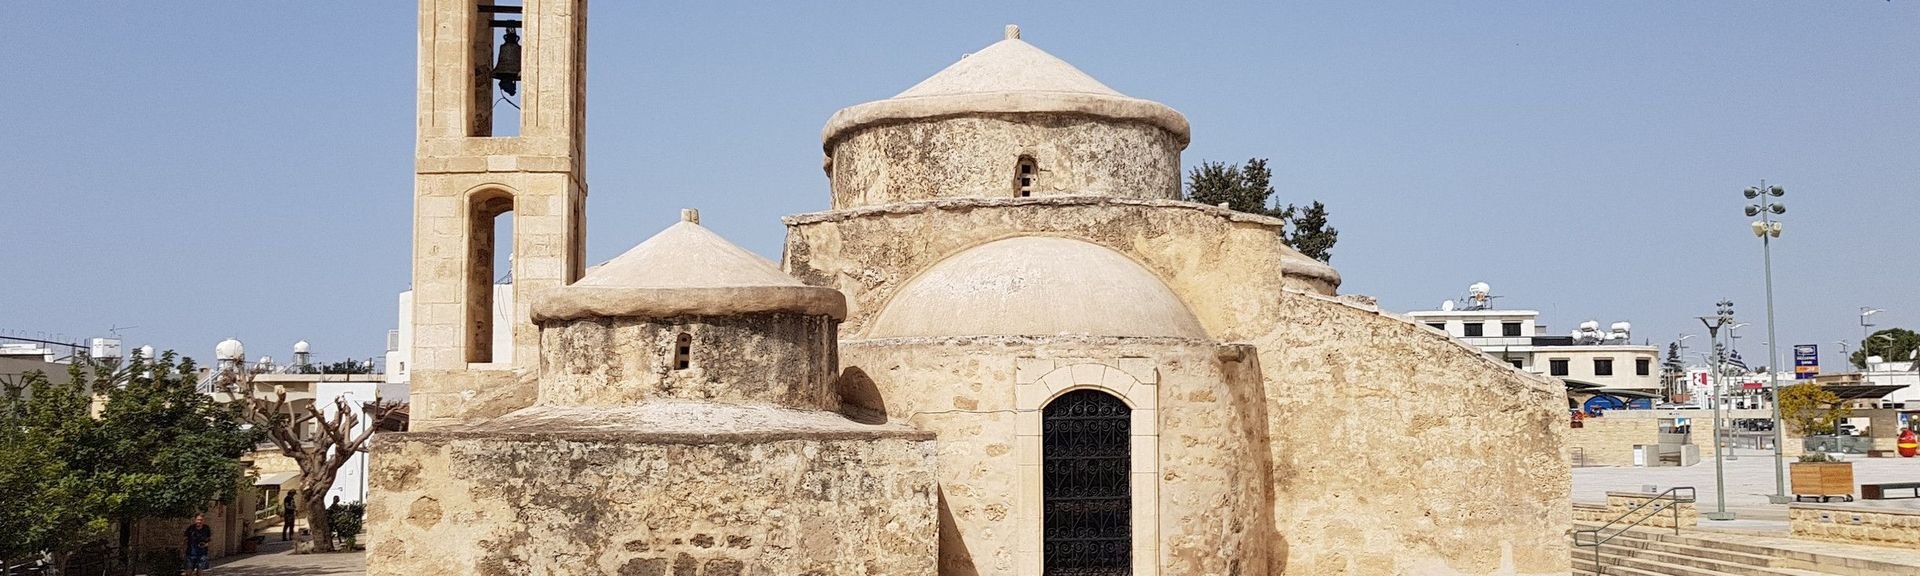 Γεροσκήπου, Πάφος, Κύπρος